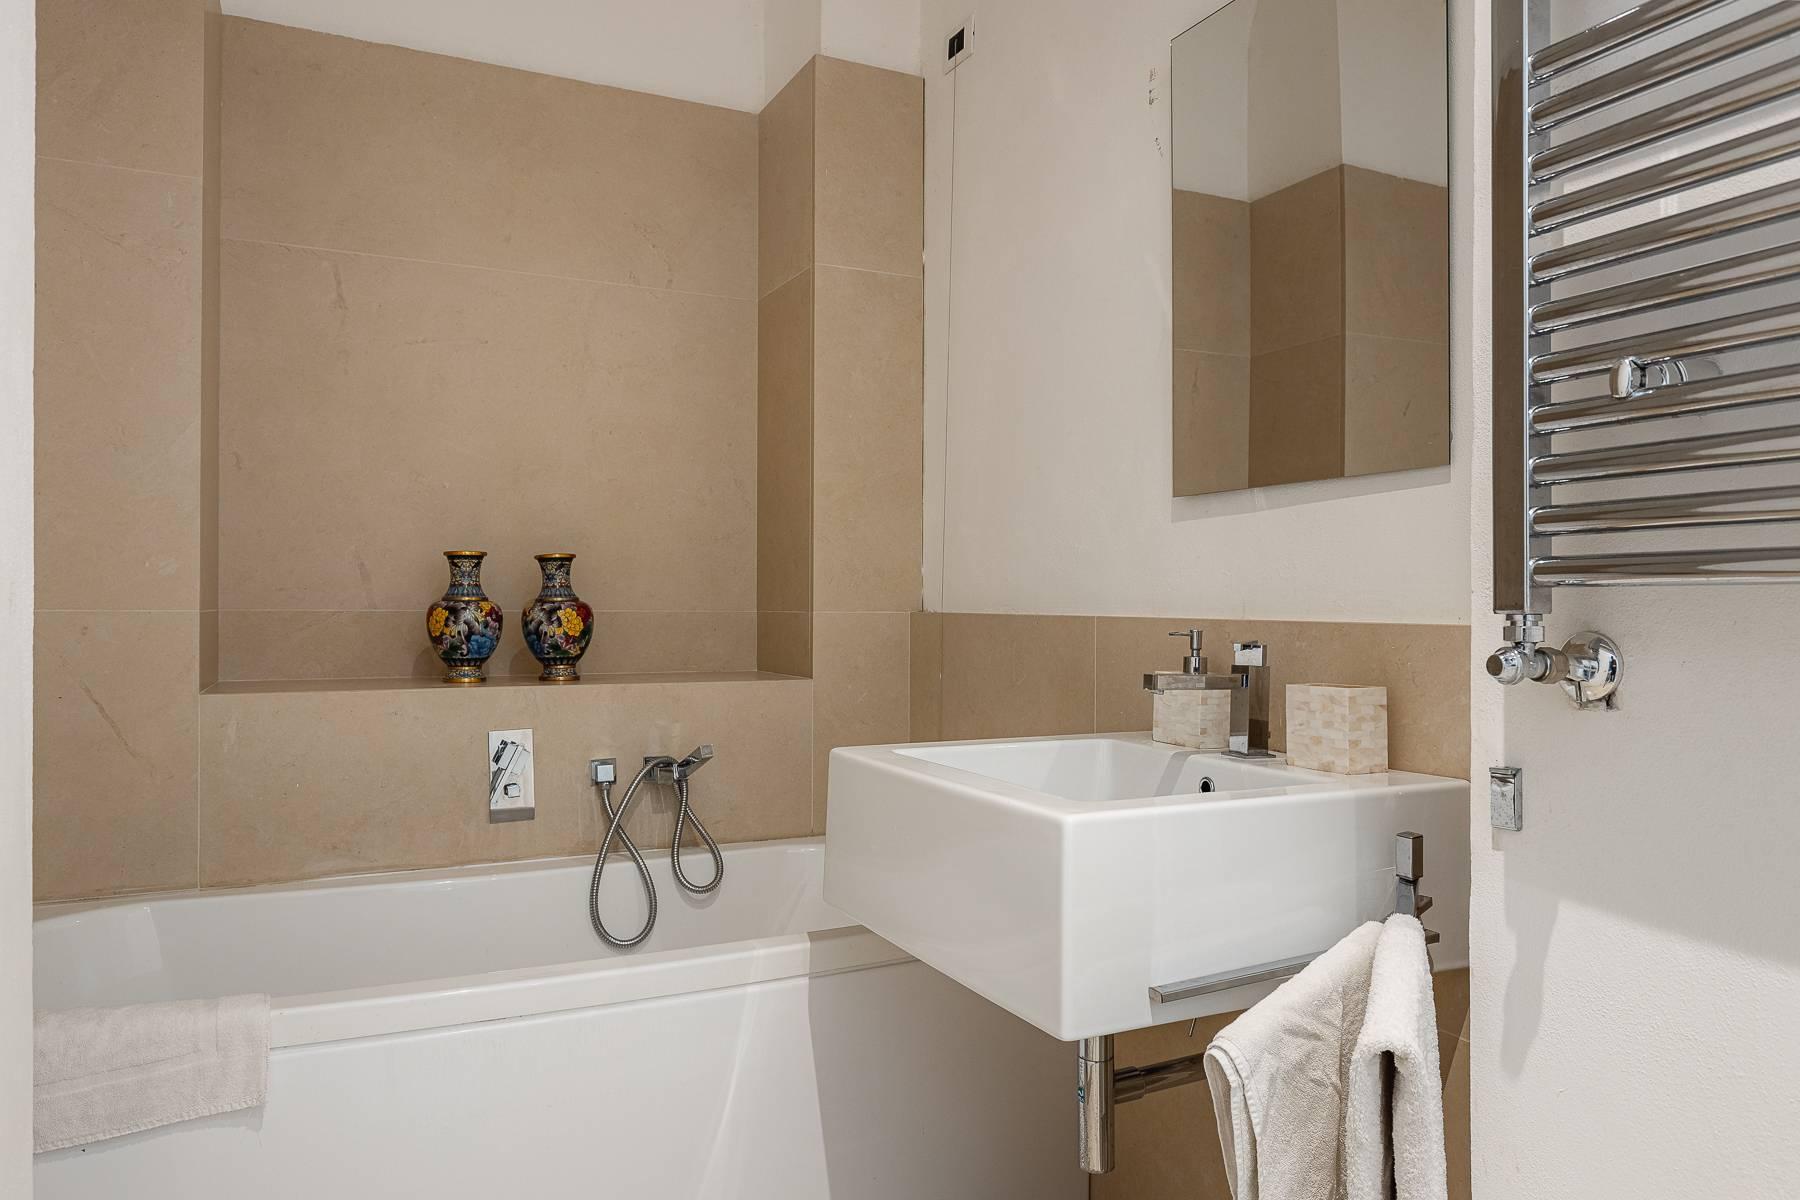 Appartamento in Vendita a Palermo: 4 locali, 154 mq - Foto 20